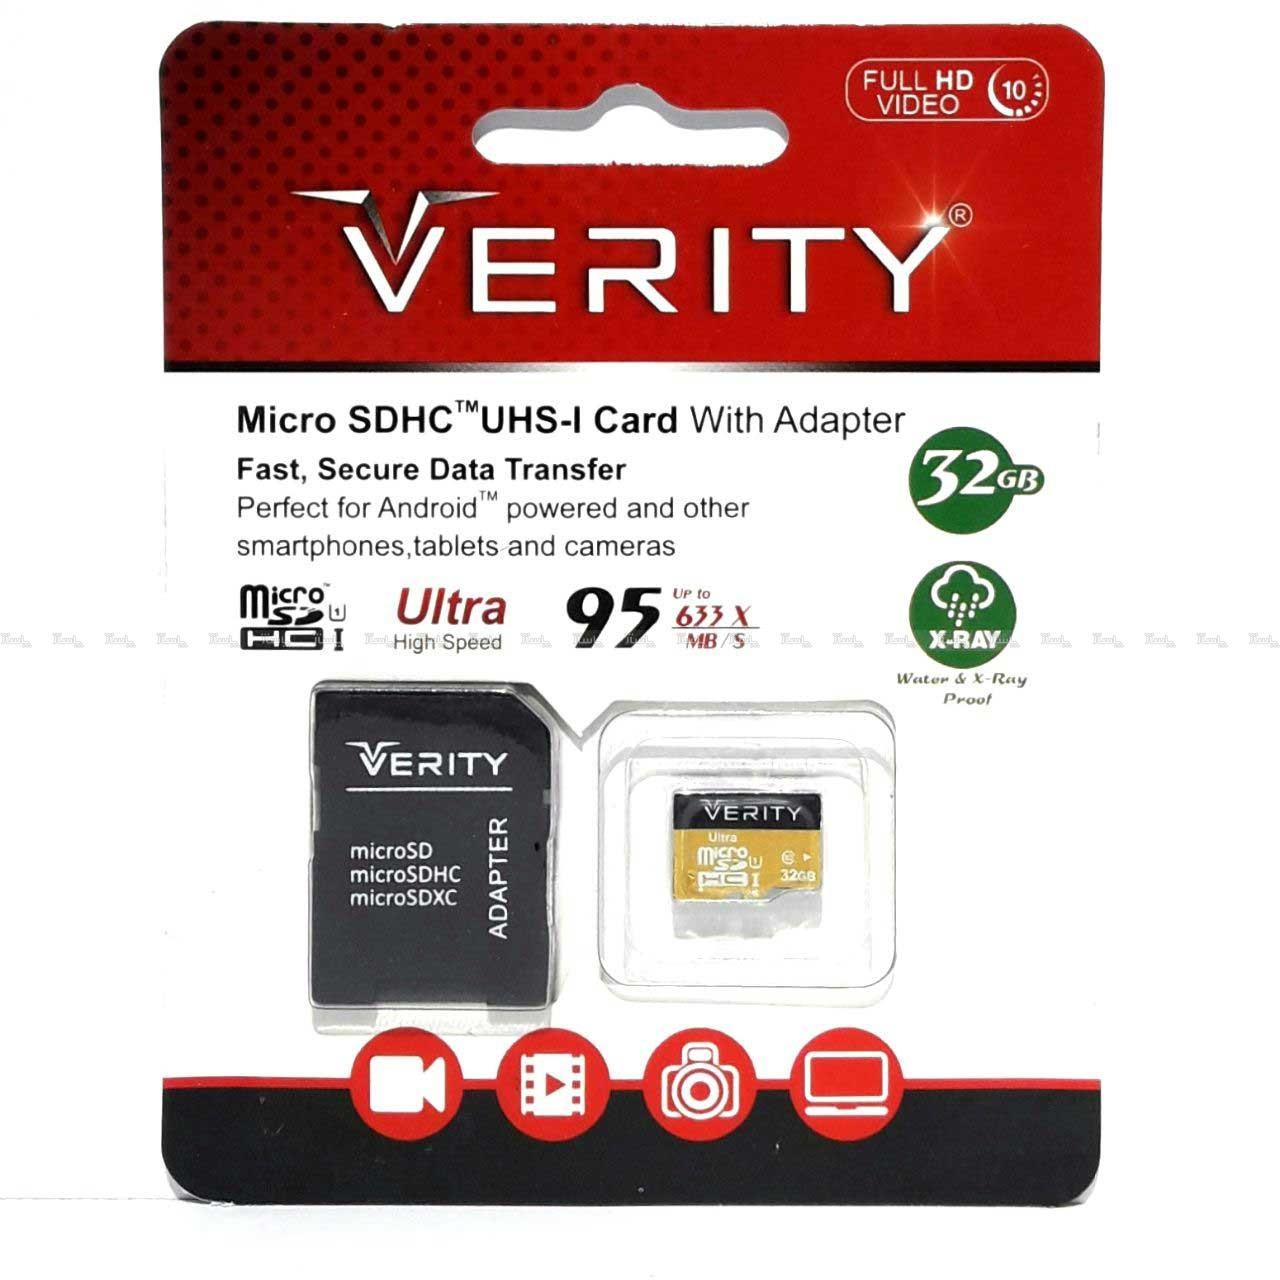 کارت حافظه microSDHC وریتی کلاس 10 استاندارد UHS-I U1 سرعت 95MBps ظرفیت 32 گیگابایت به همراه آداپتور SD-تصویر اصلی